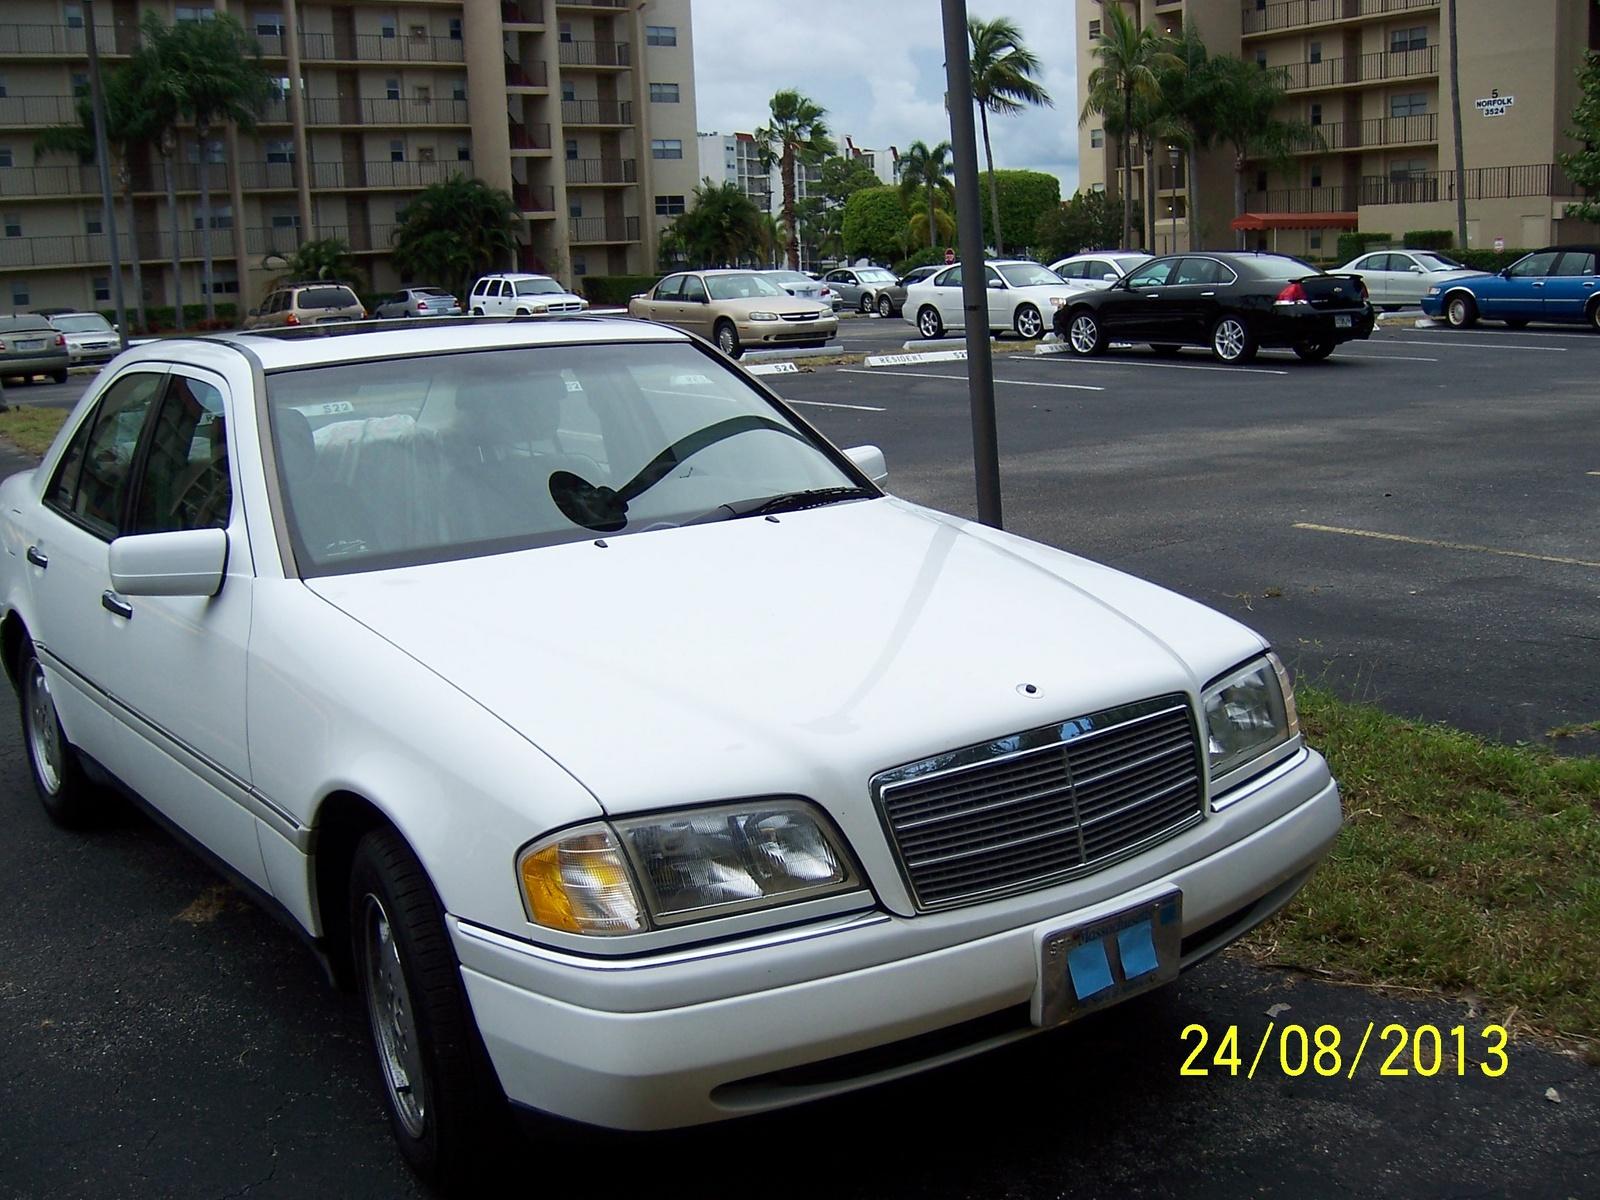 1997 Mercedes-Benz C-Class - Overview - CarGurus